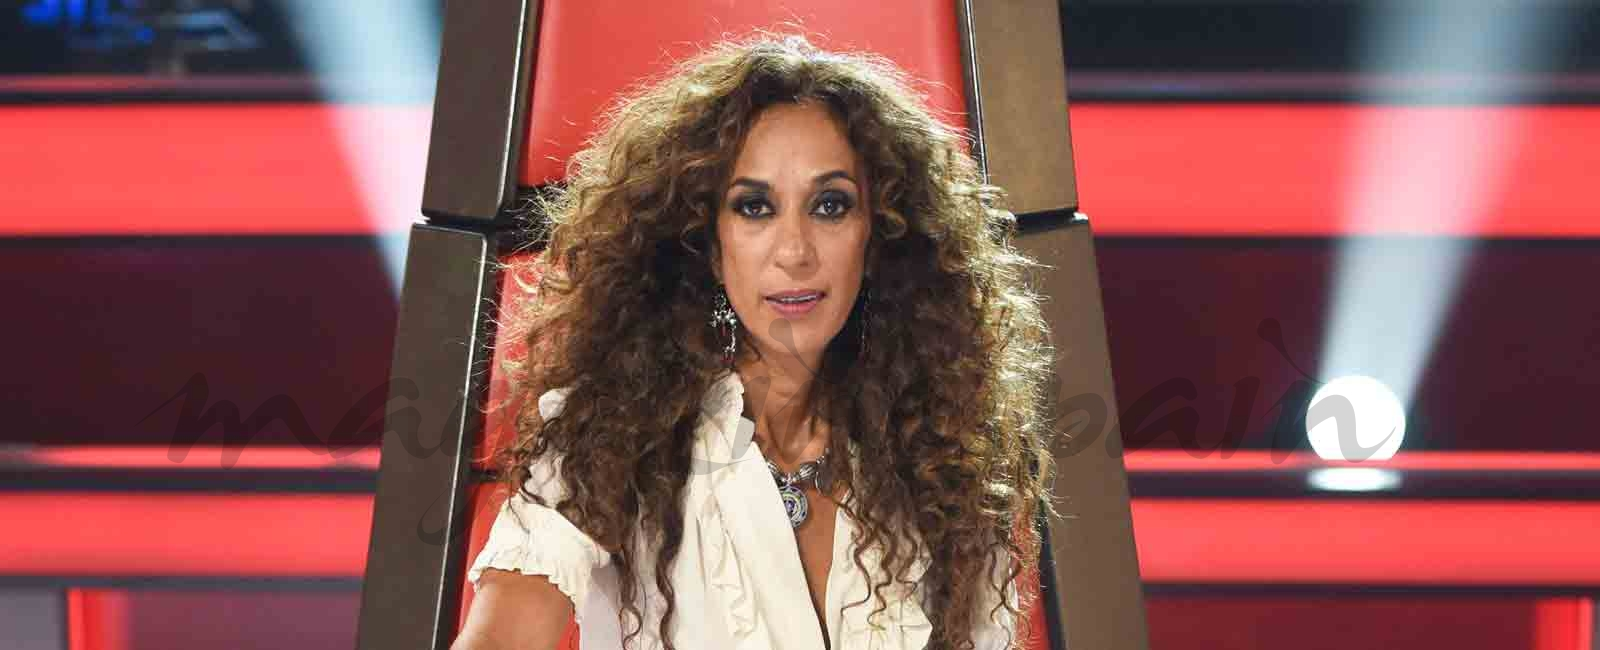 Así eran, Así son: Rosario Flores 2006-2016